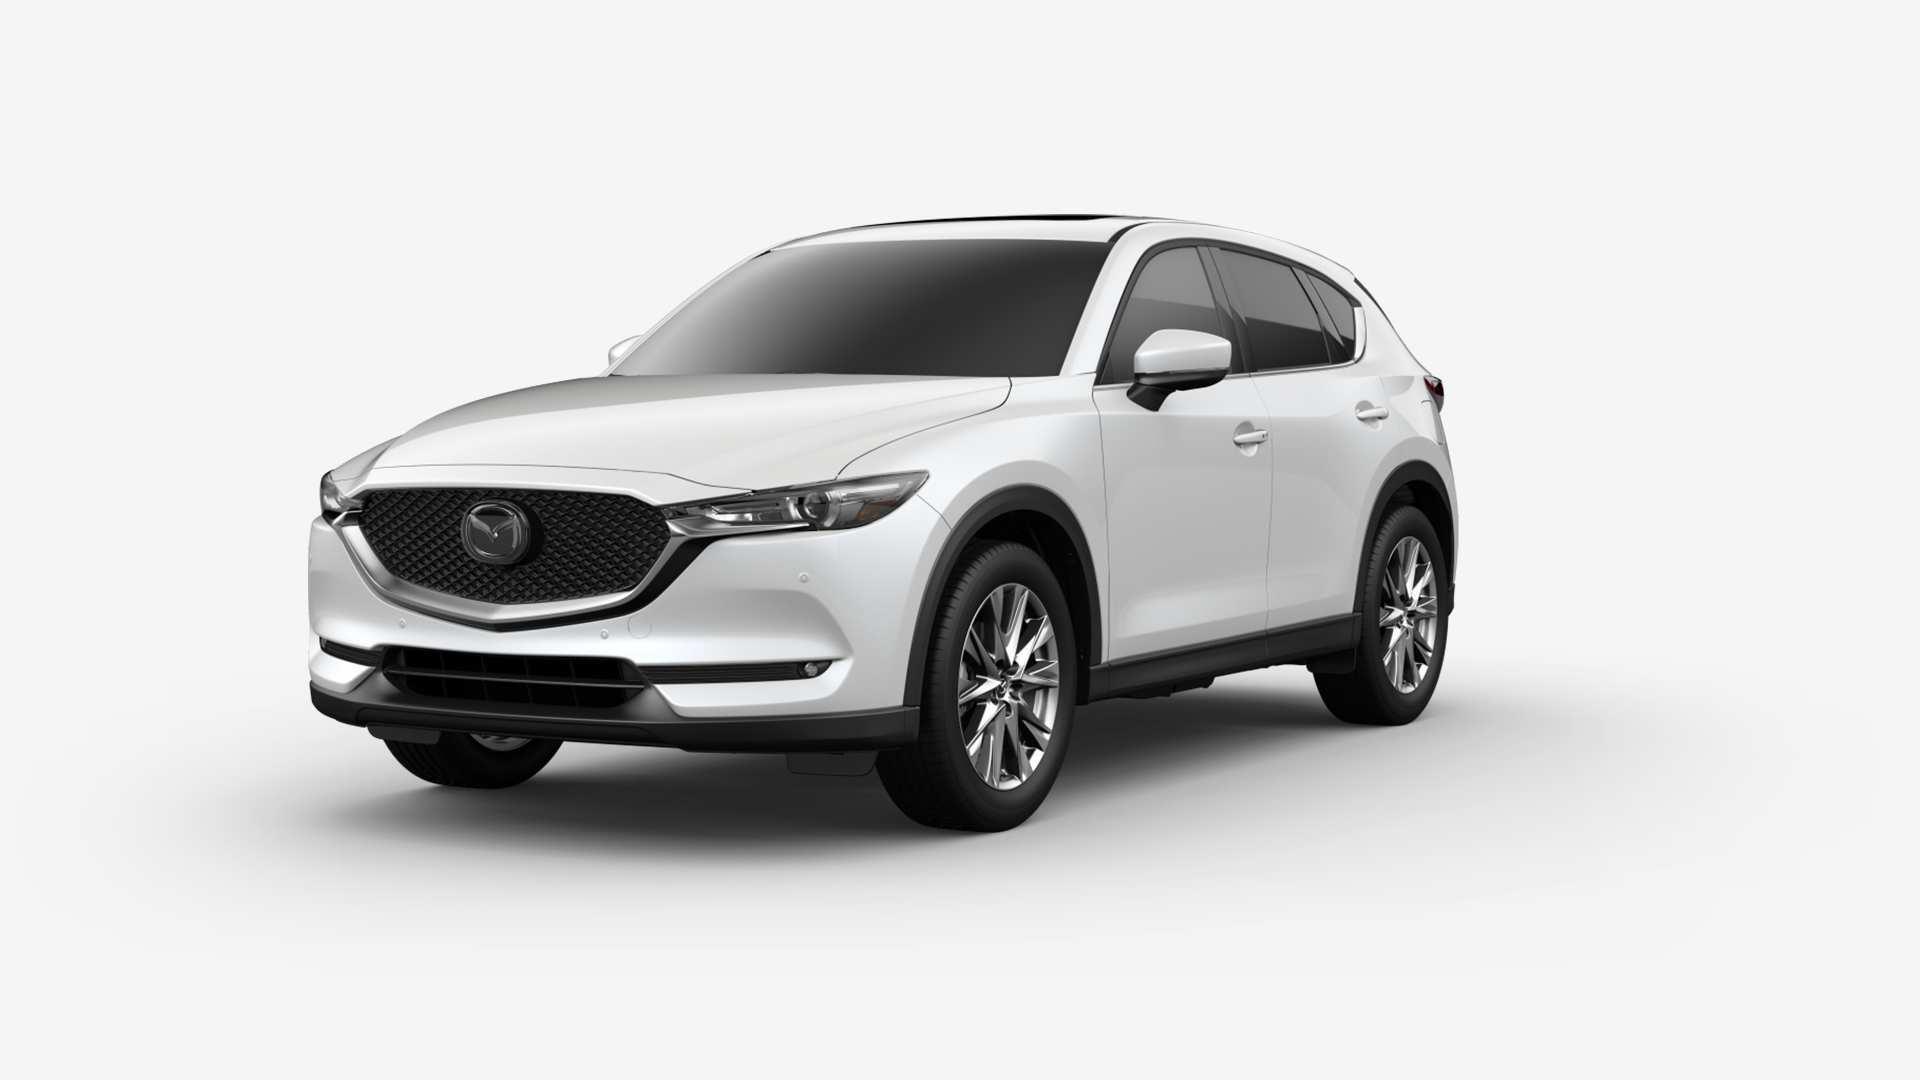 44 Concept of Mazda Cx 5 2019 White Redesign and Concept for Mazda Cx 5 2019 White